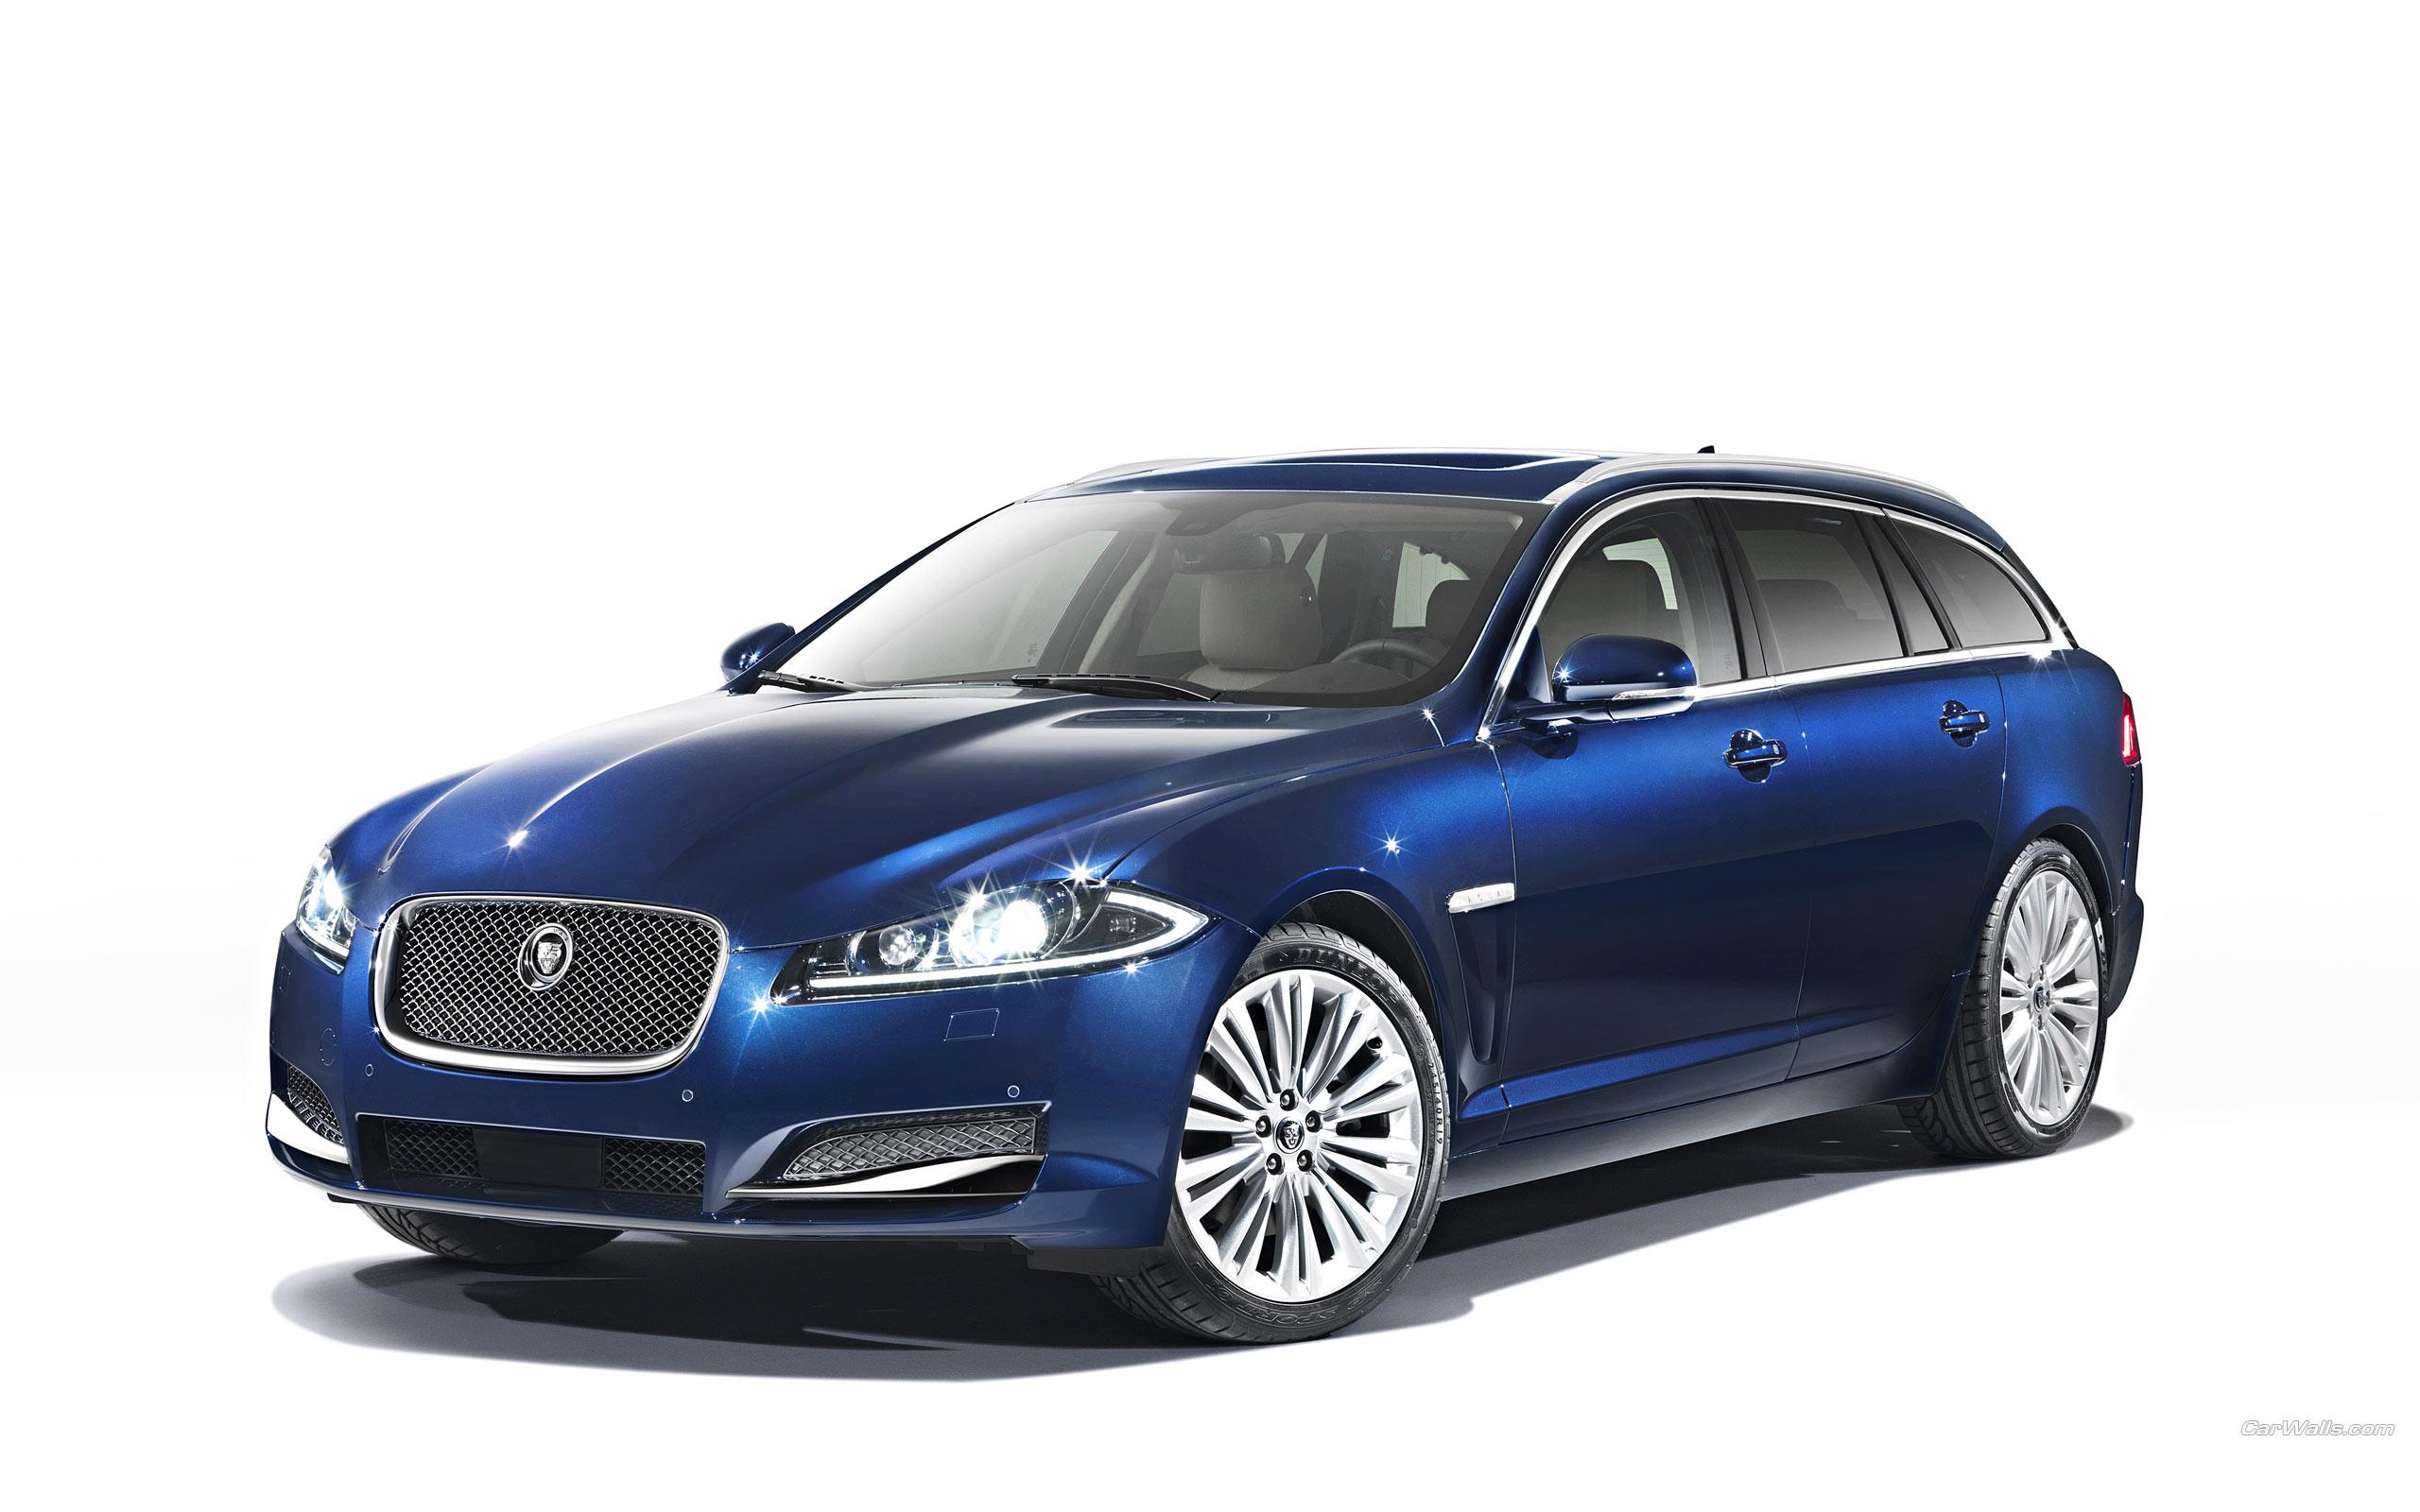 Картинка Ягуар XF авто Jaguar машина машины автомобиль Автомобили